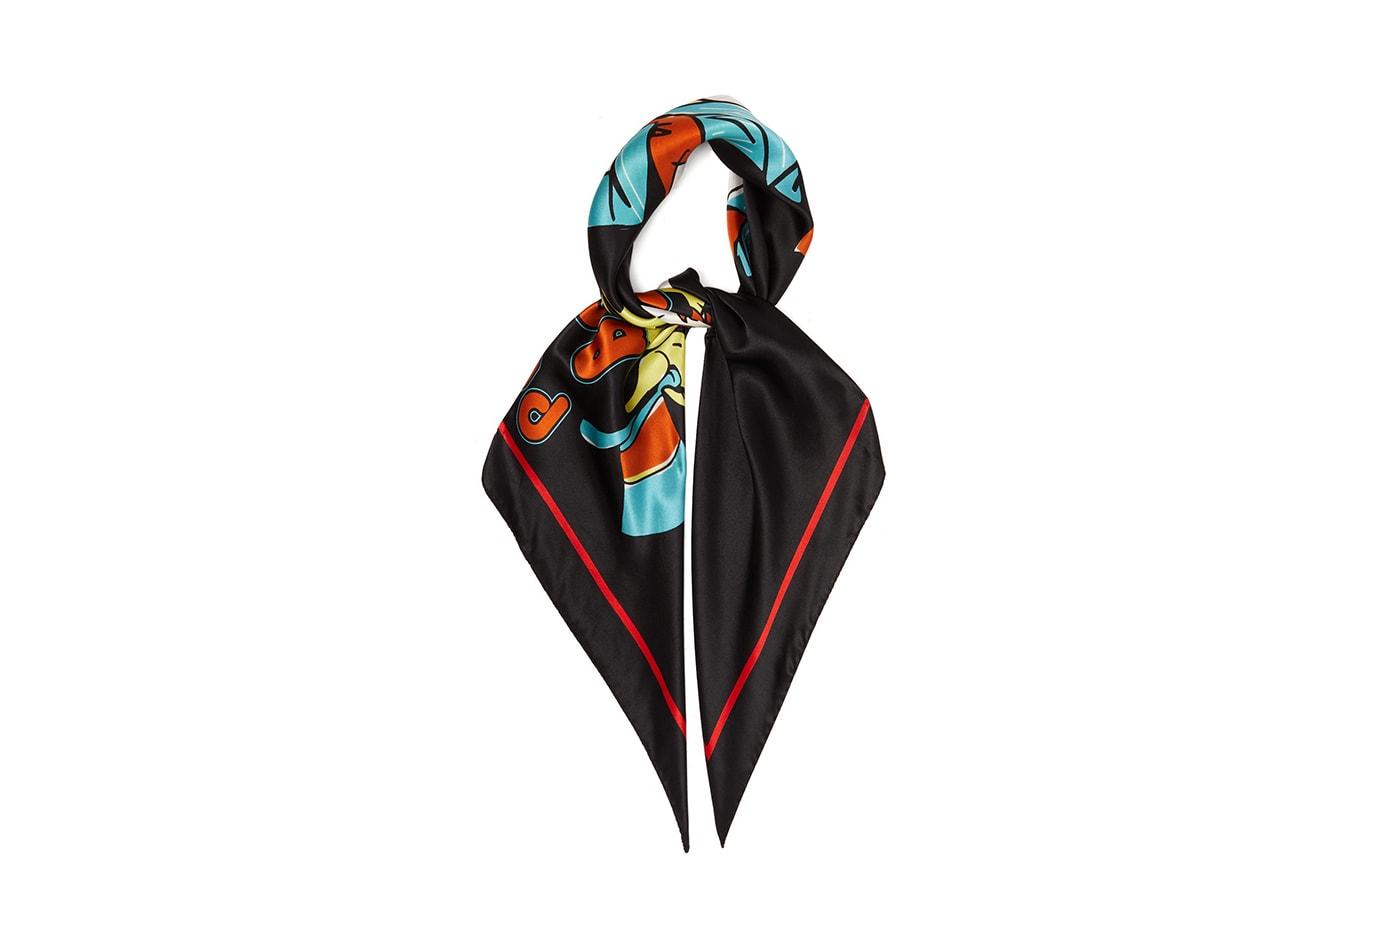 本日嚴選 9 款 Babushka 單品入手推介                                                                                                                                                                                        不妨試試用頭巾為穿搭帶來更多變化吧!                                                                                                                                                                                                                          編輯 : Perry Wang